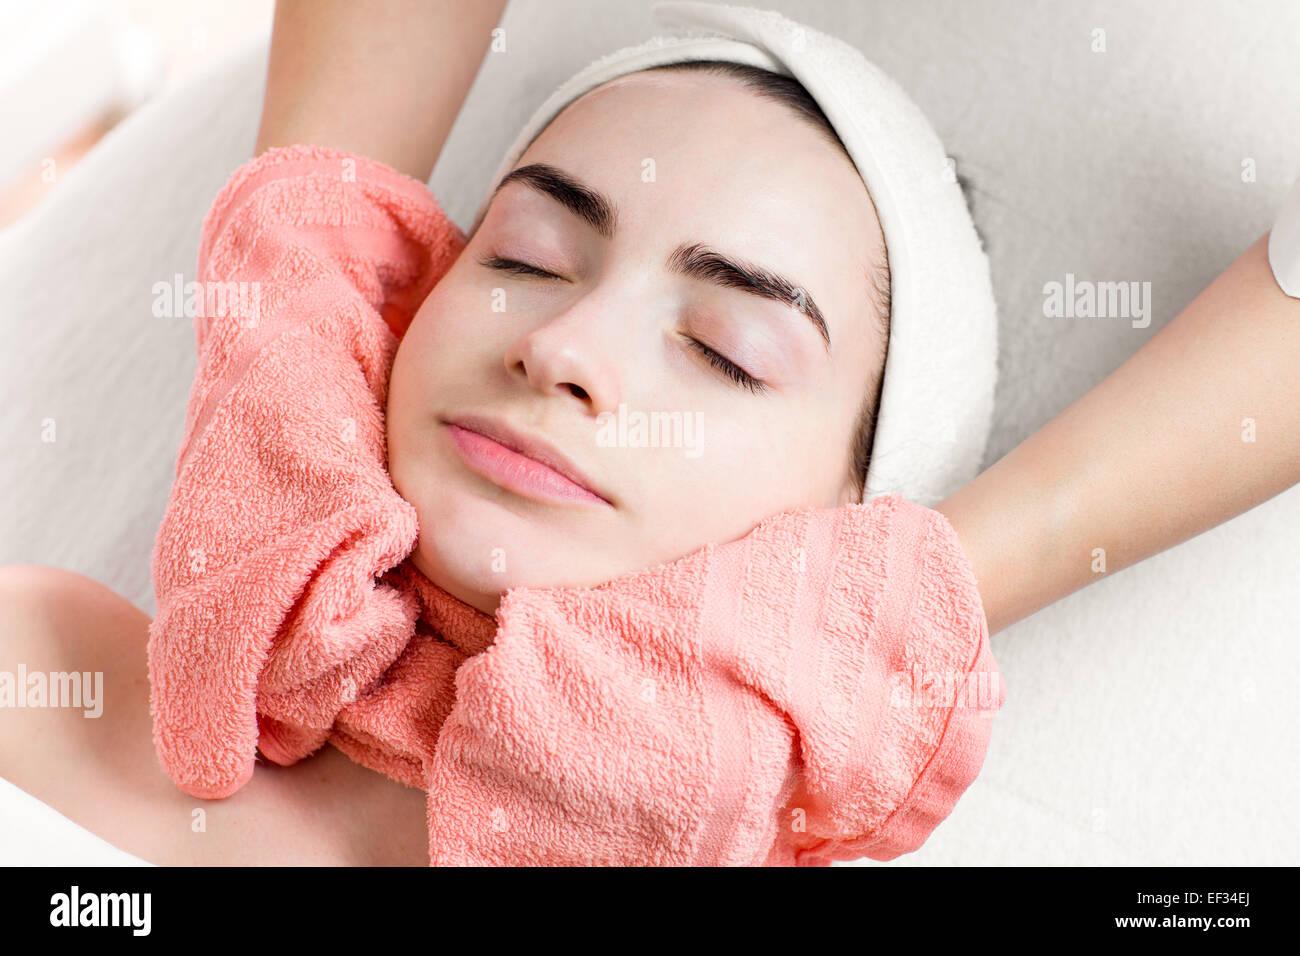 Junge Frau Gesichtsbehandlung oder Massage mit Handtuch Stockbild